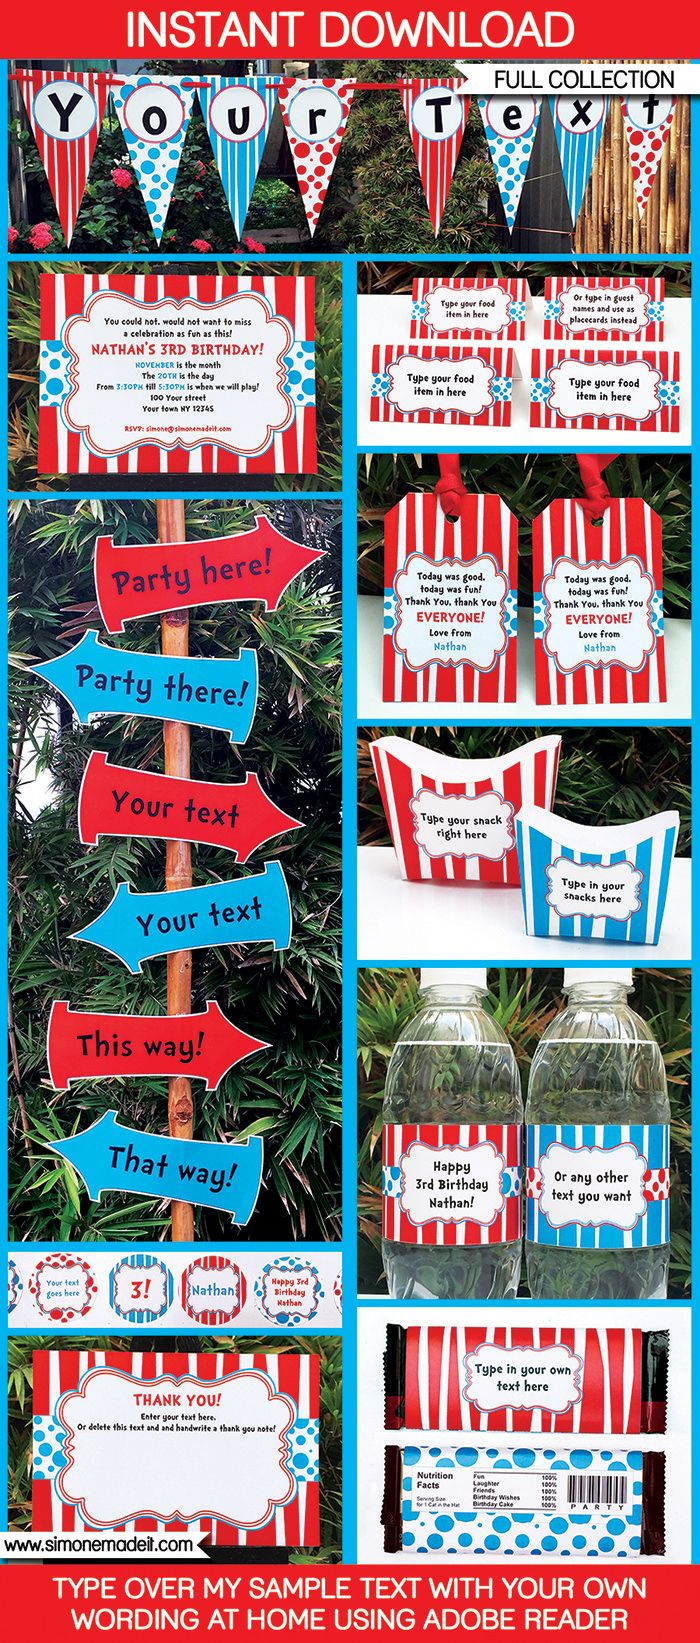 Dr Seuss Party Decorations Dr Seuss Party Printables Invitations Decorations Party